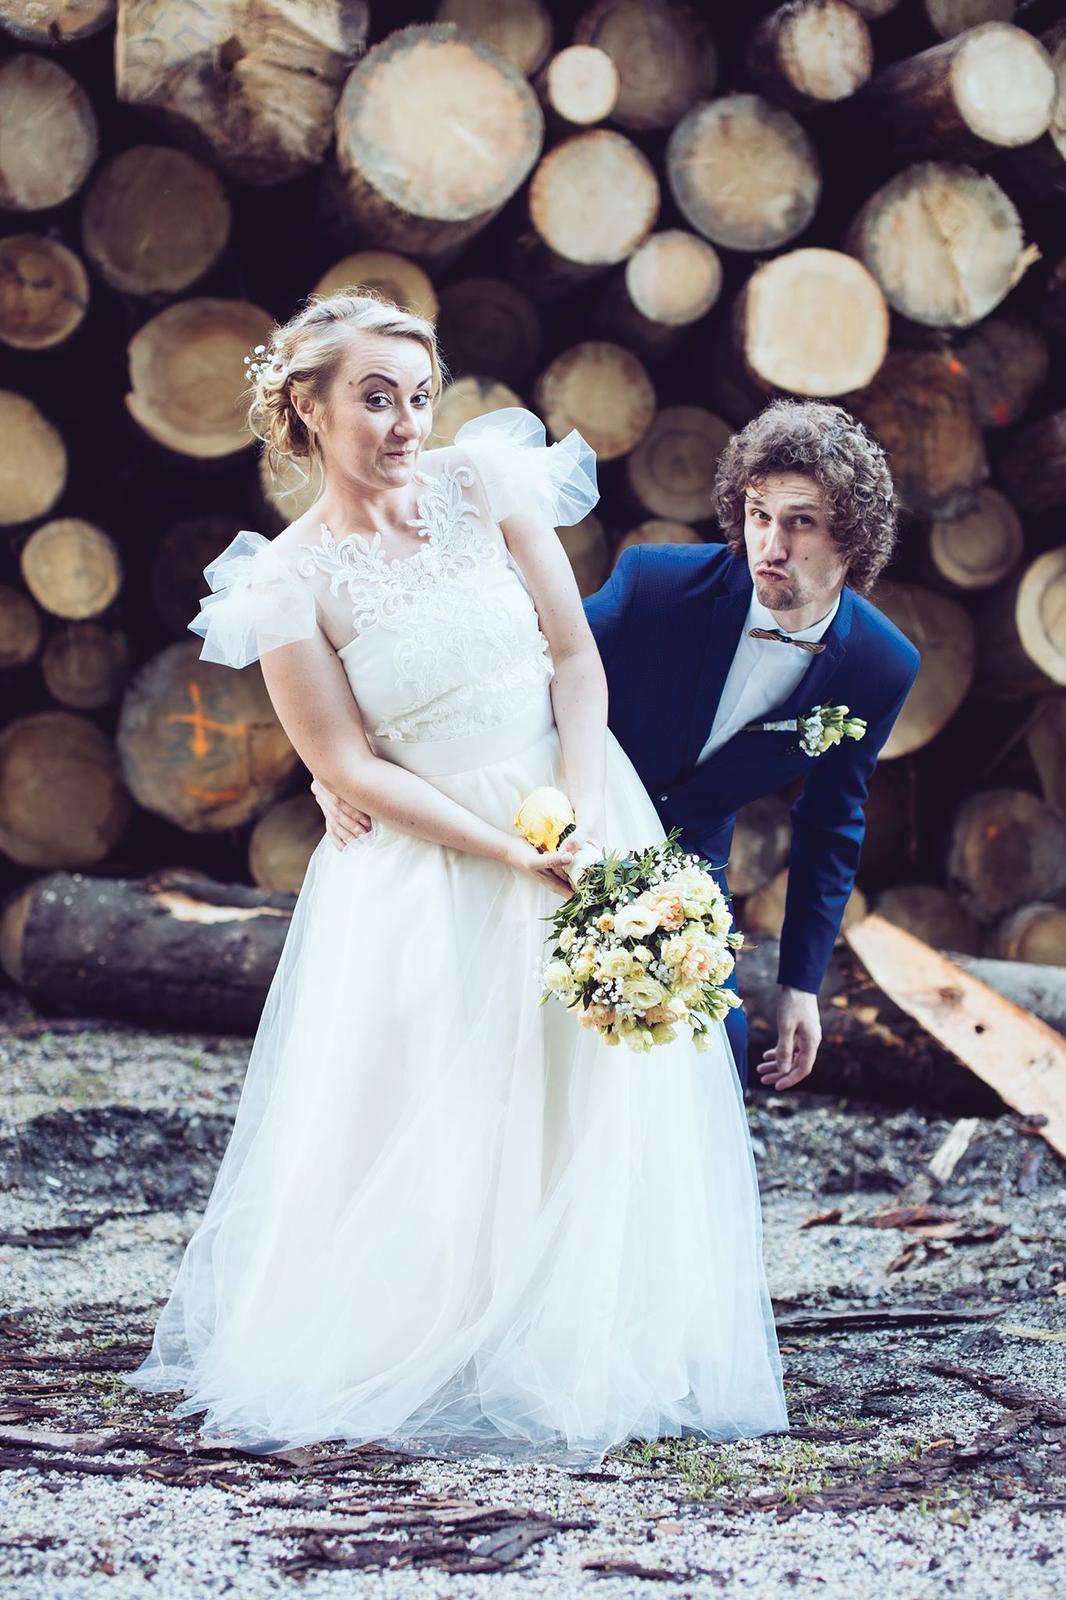 peter_a_lucia - Dvojdielné svadobné šaty (čipkované bolerko, dlhá tylová sukňa)